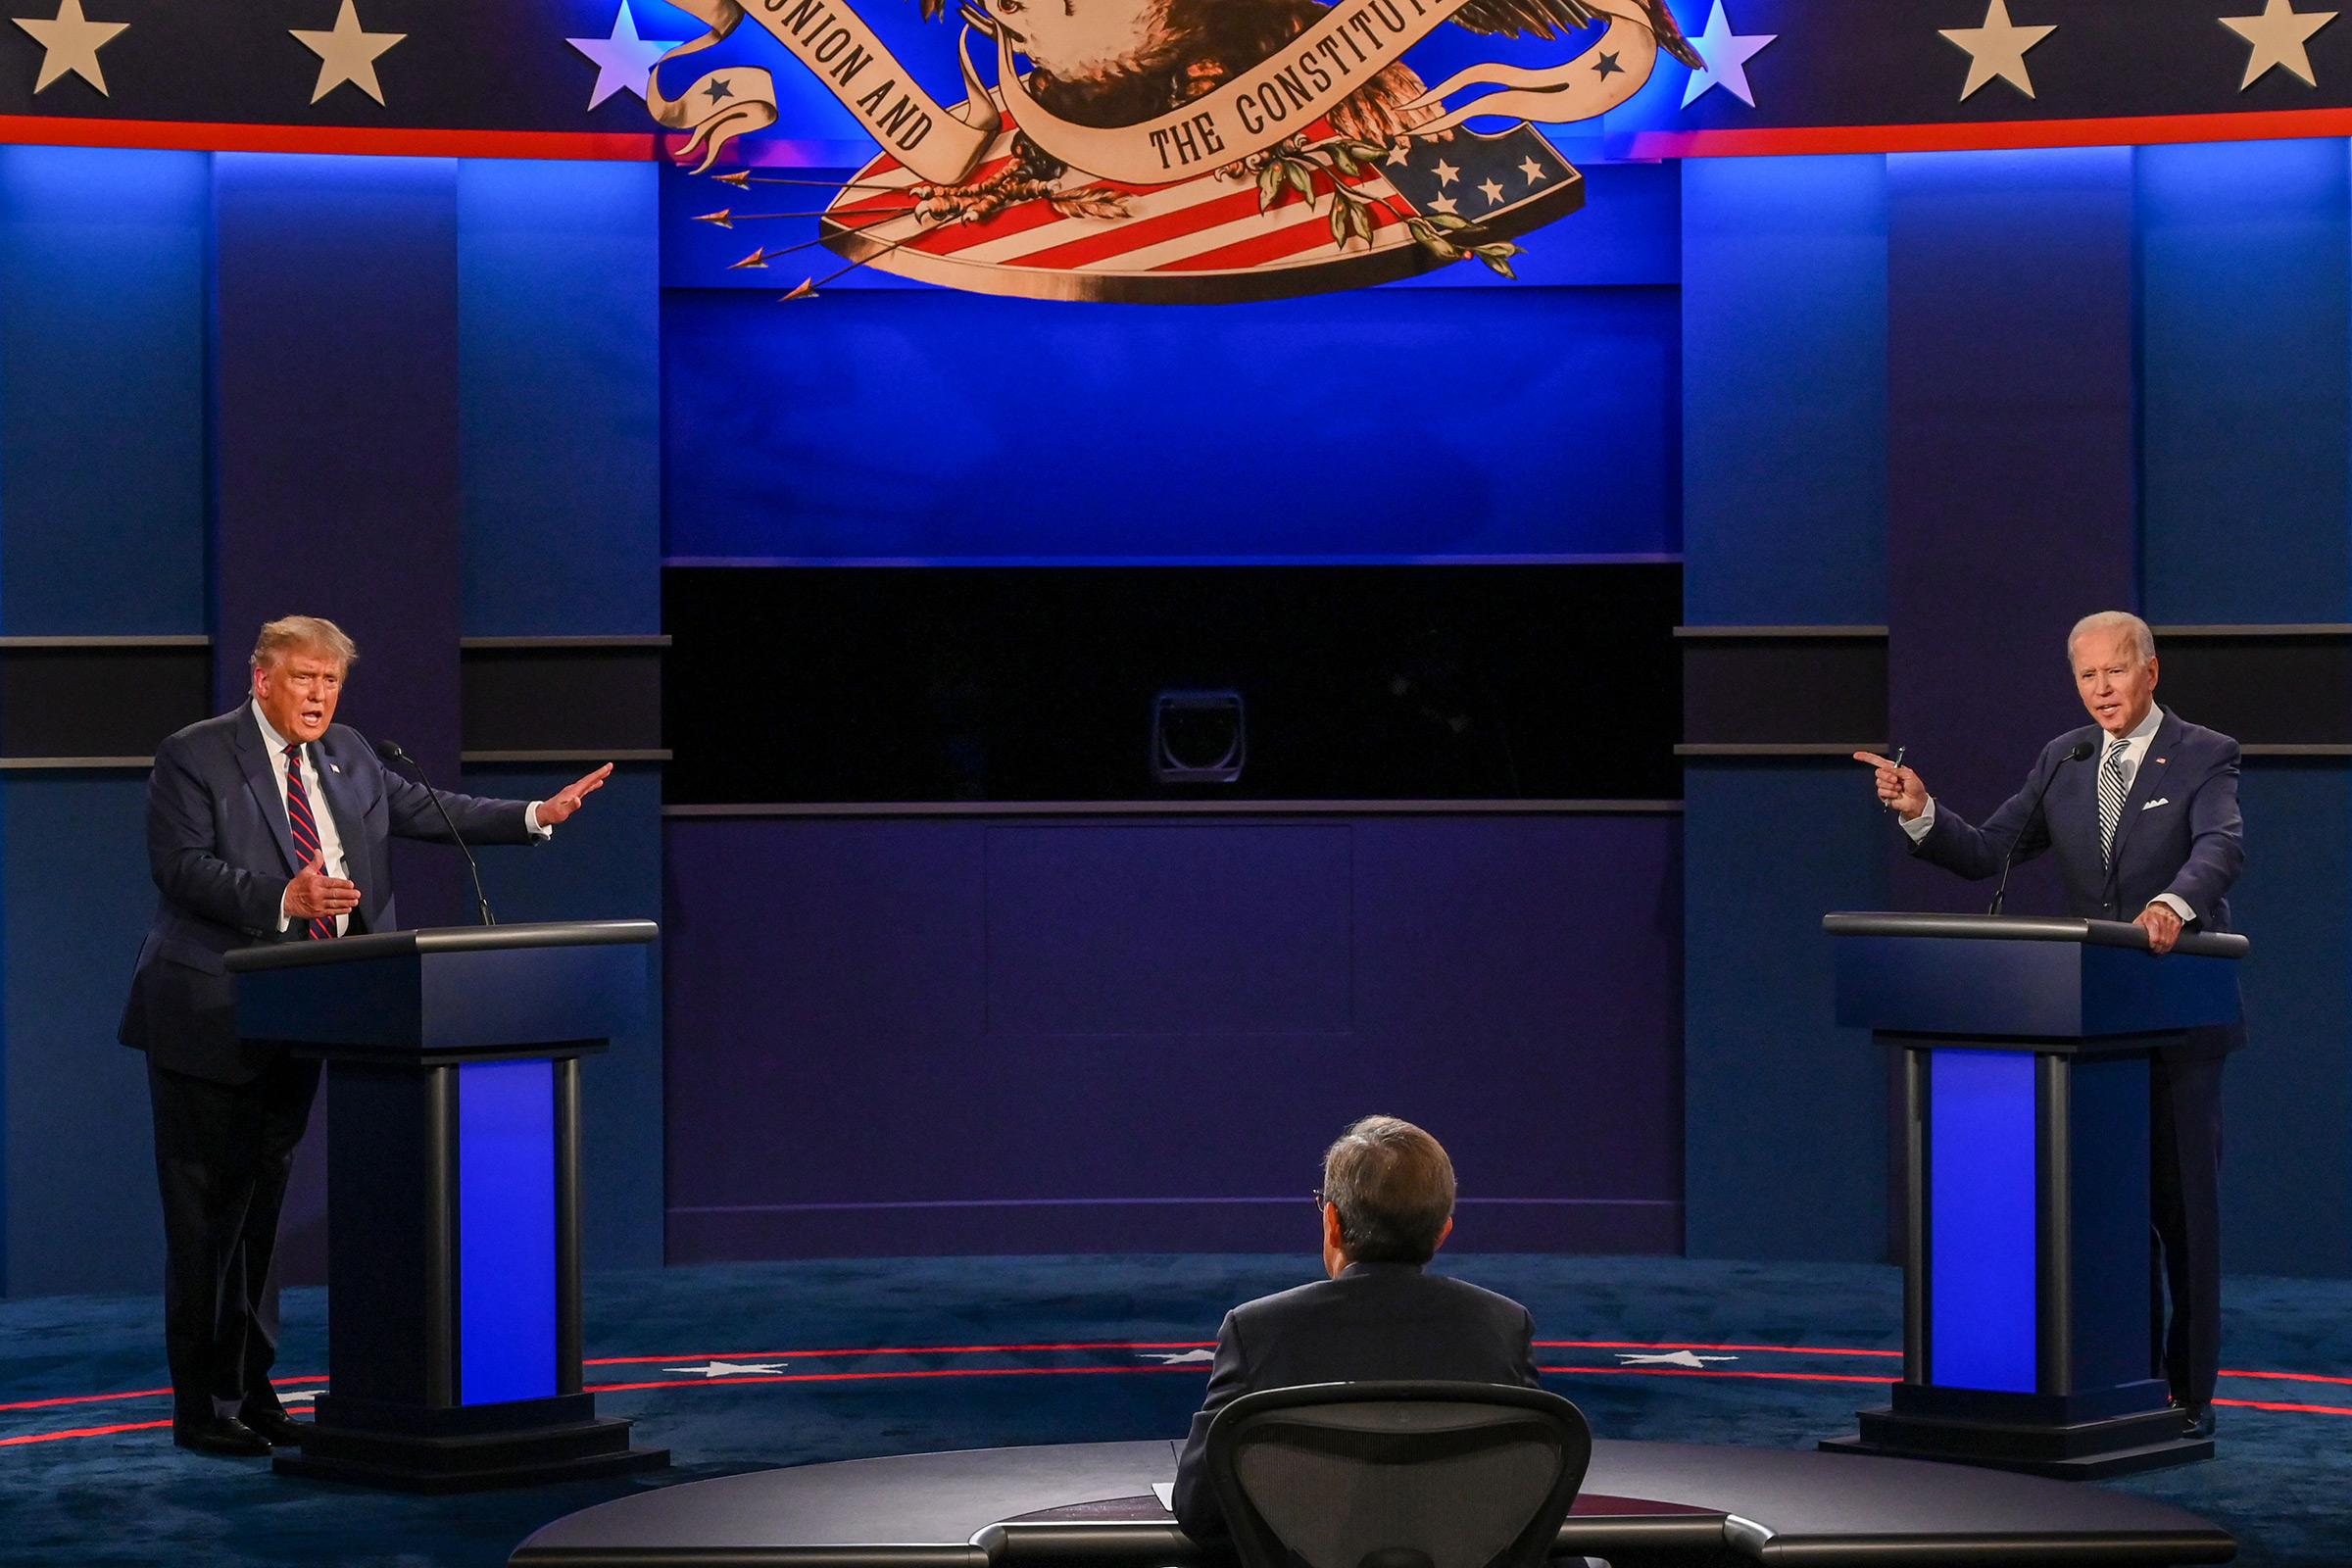 AMERIČKI IZBORI 2020.: Kada demokratija postane šala